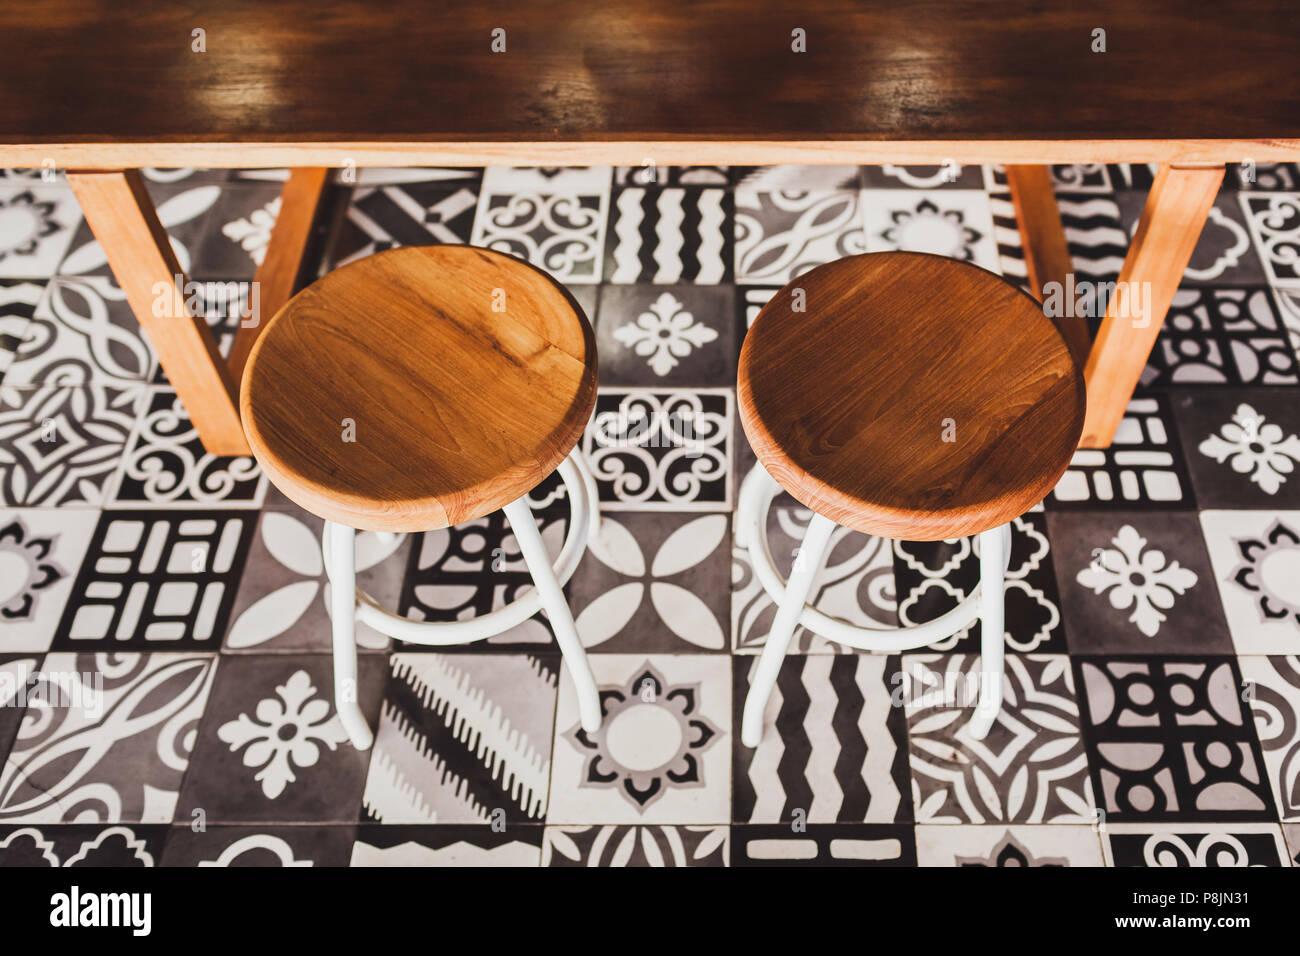 Tavolo di legno con mattonelle: immagini stock cucina in stile